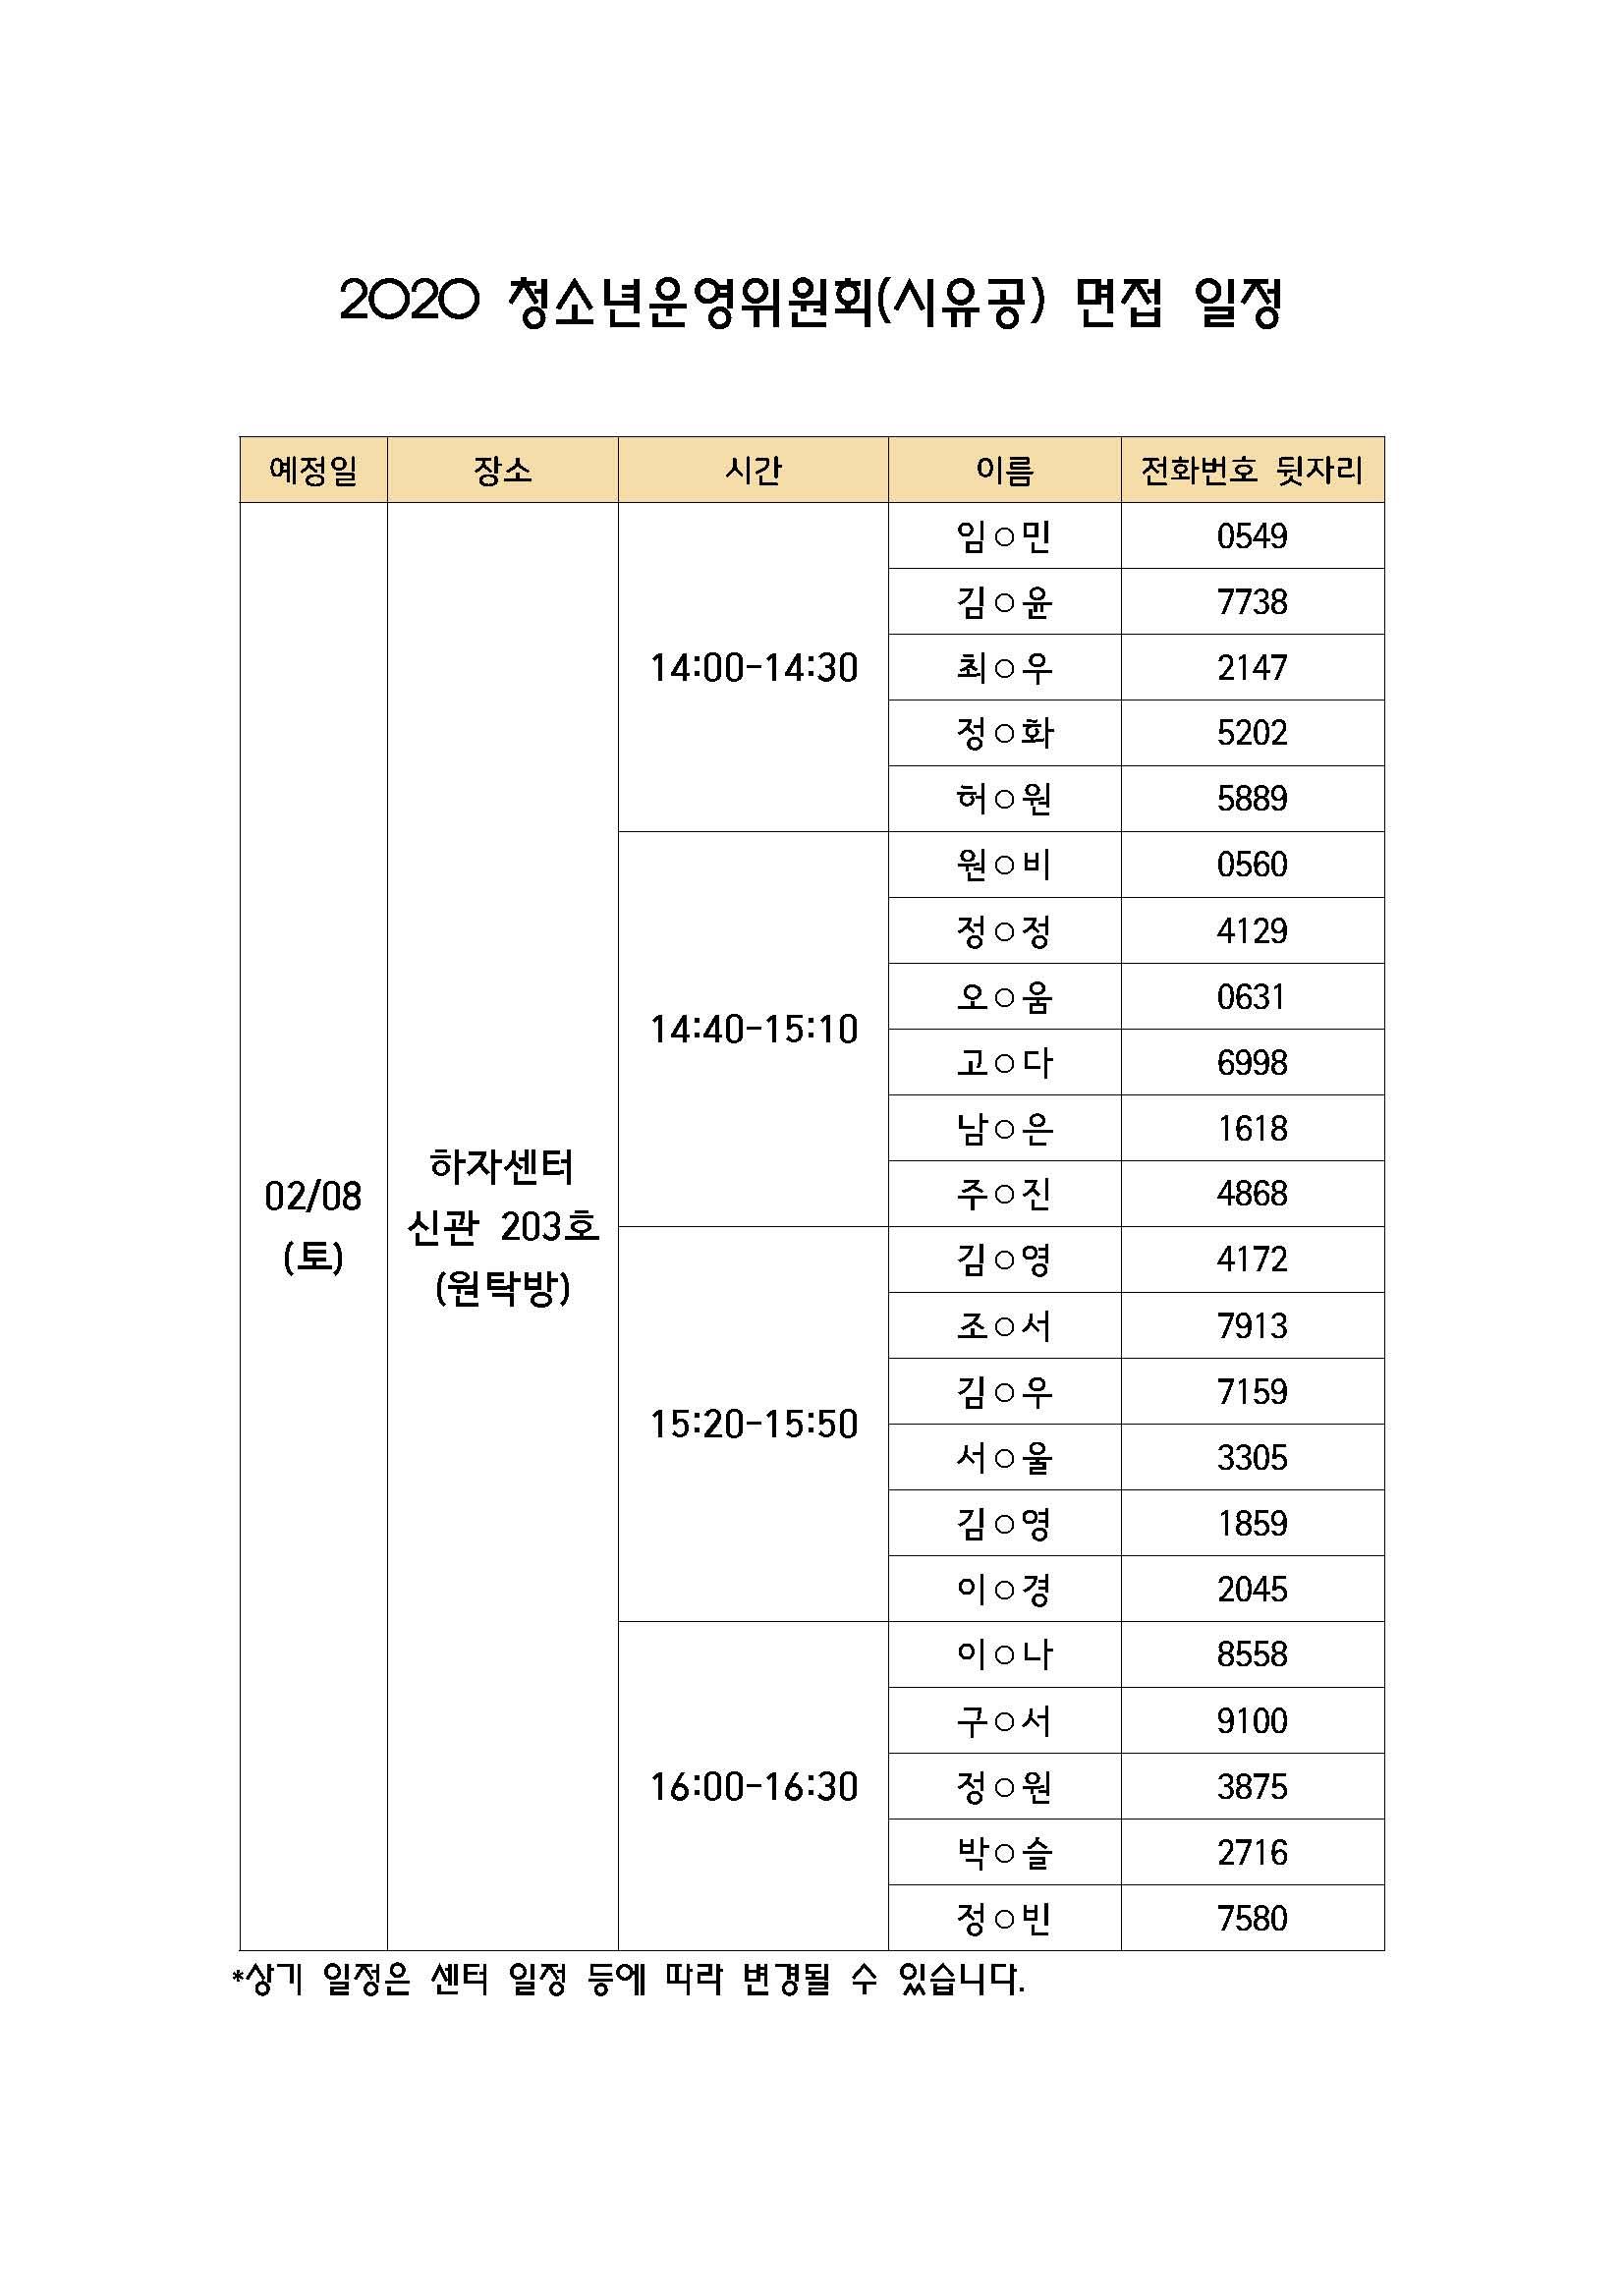 2020 청소년운영위원회 면접 일정(대외용).jpg